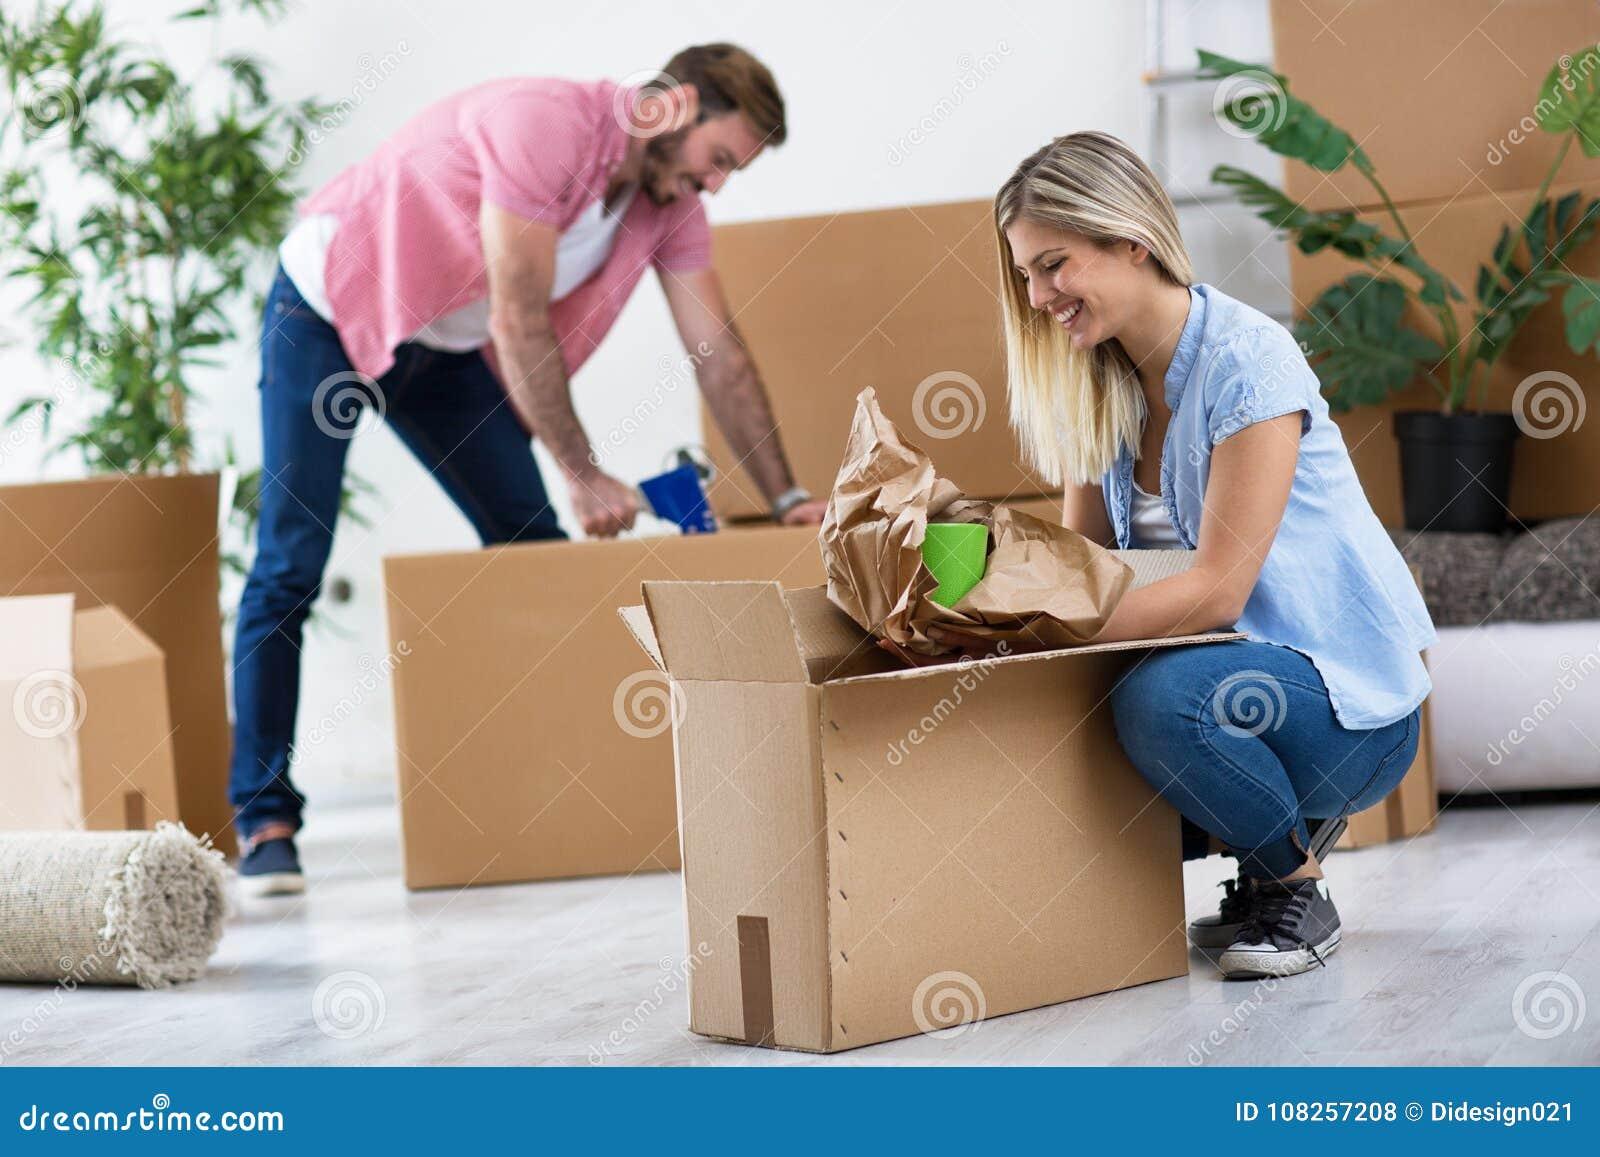 Junge Paare, Die In Das Neue Haus, Sachen Auspackend Sich Bewegen ...